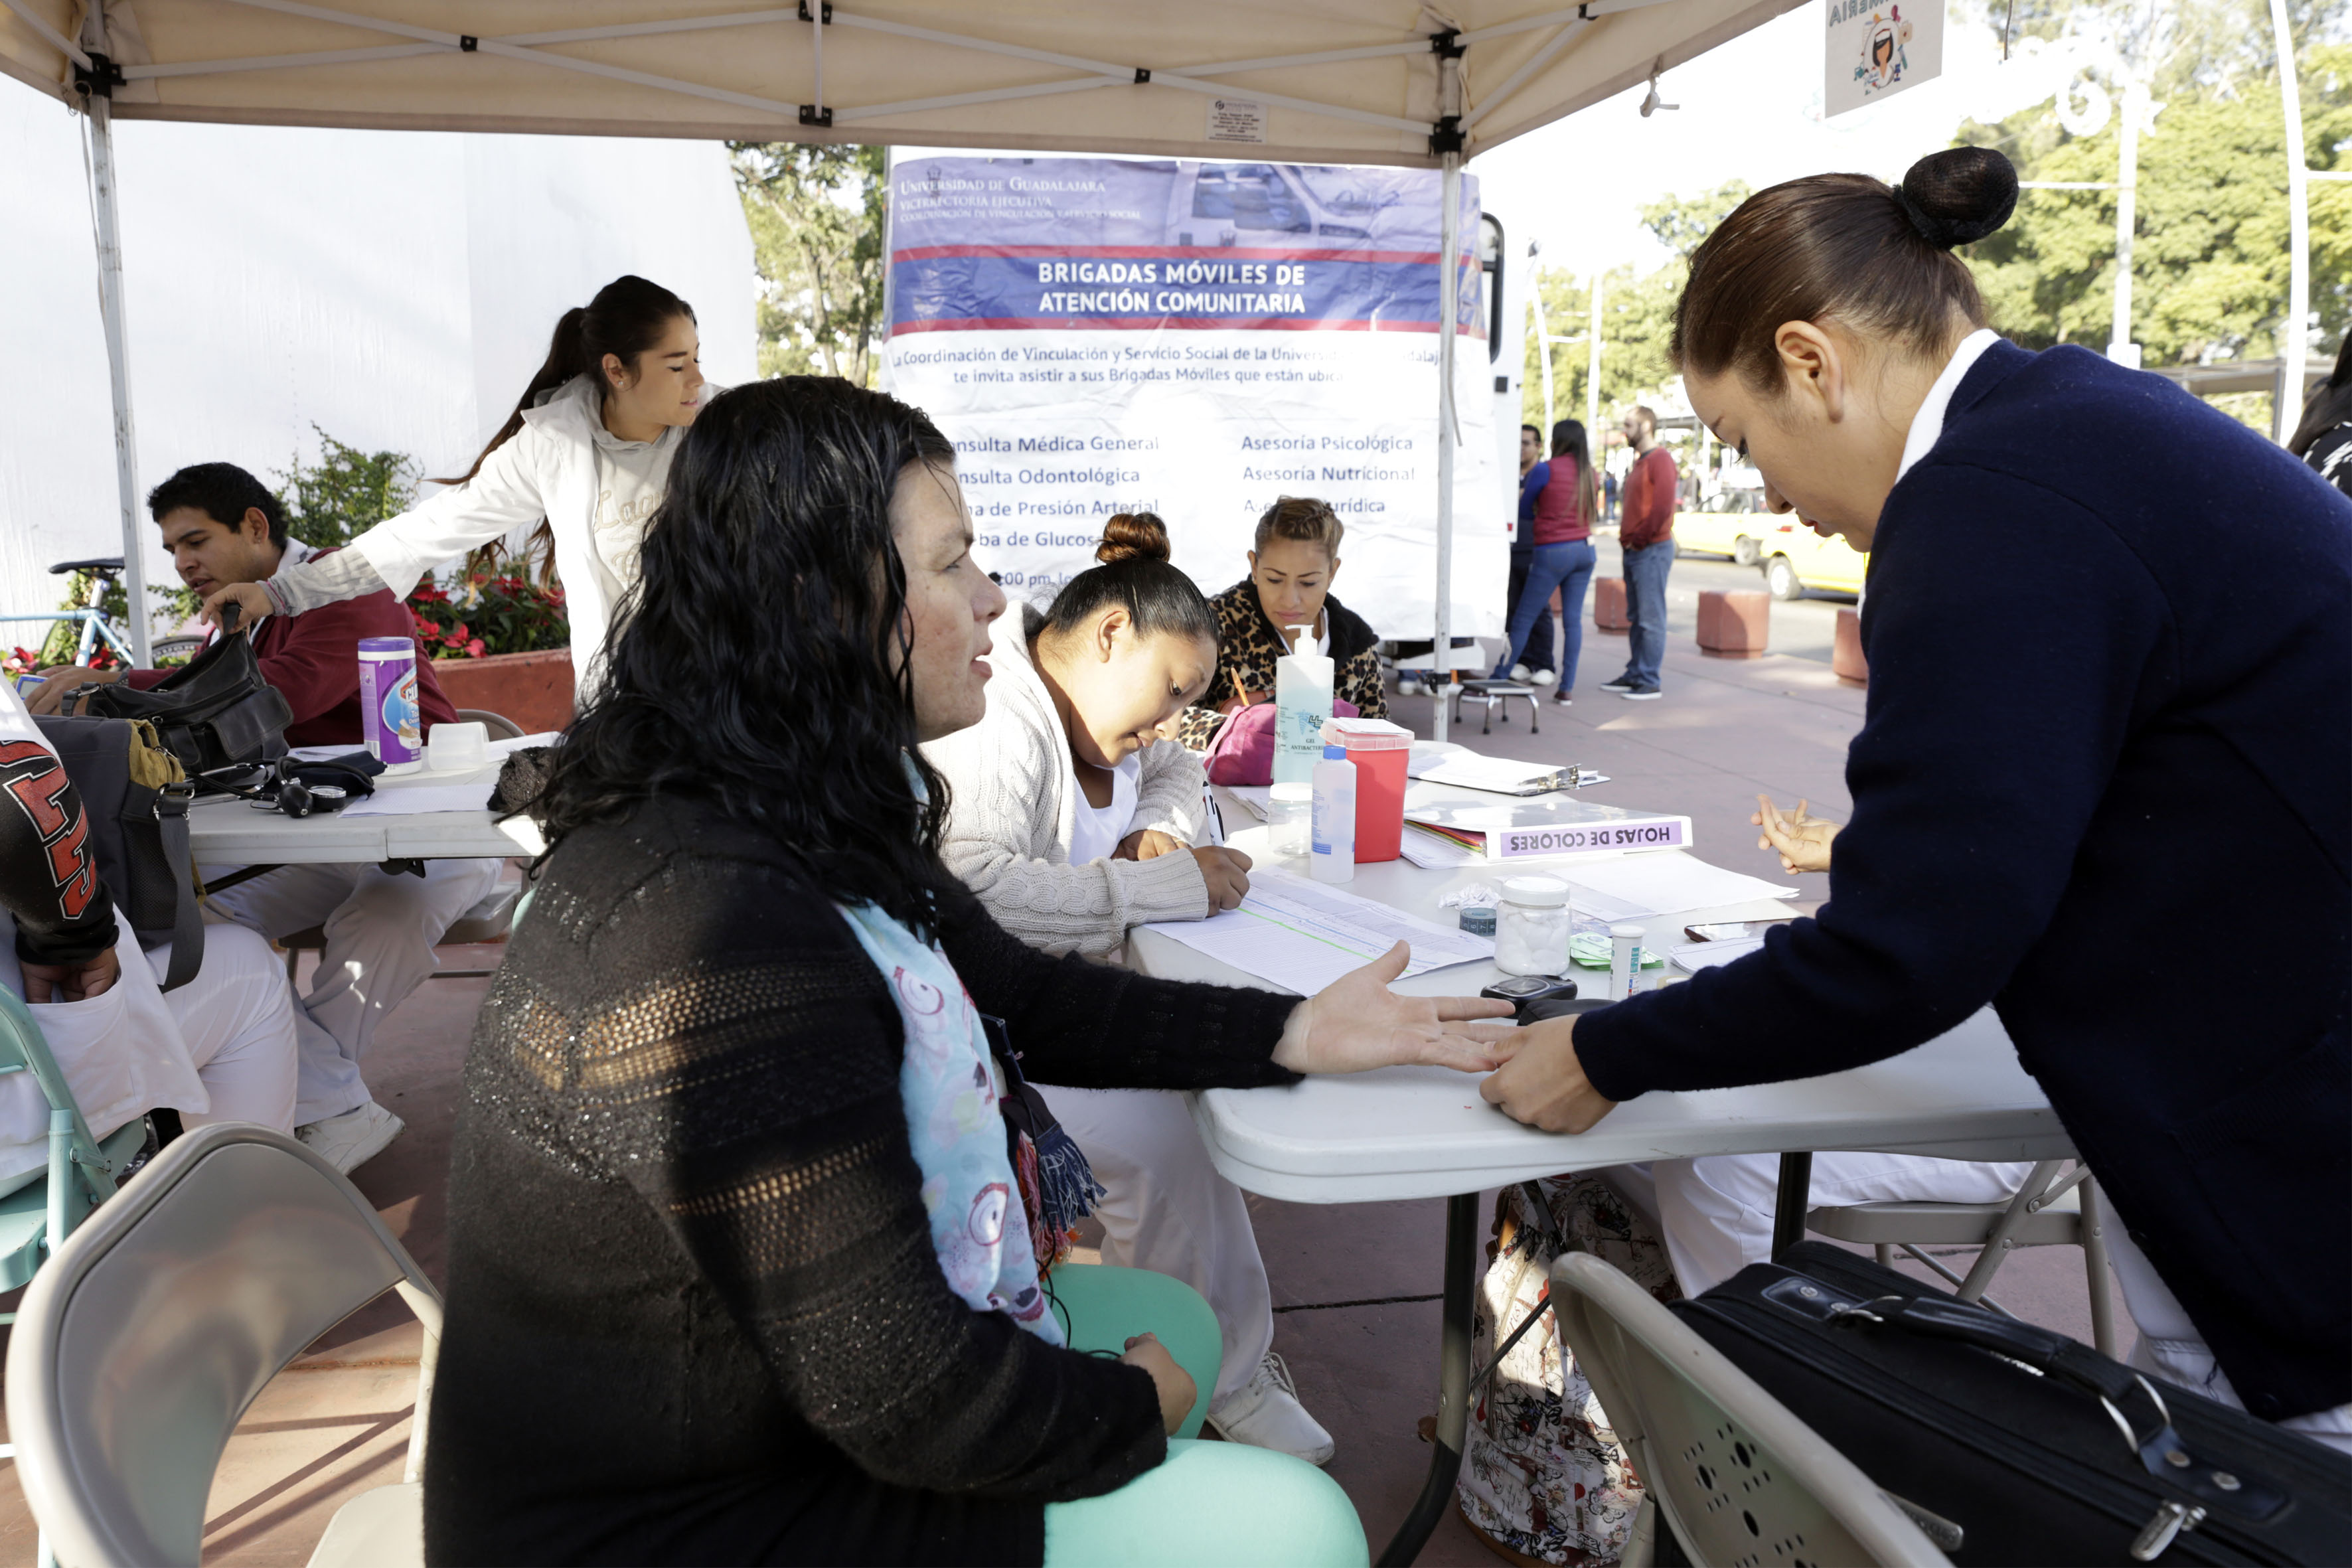 Personal de la unidad medica dando un servicio